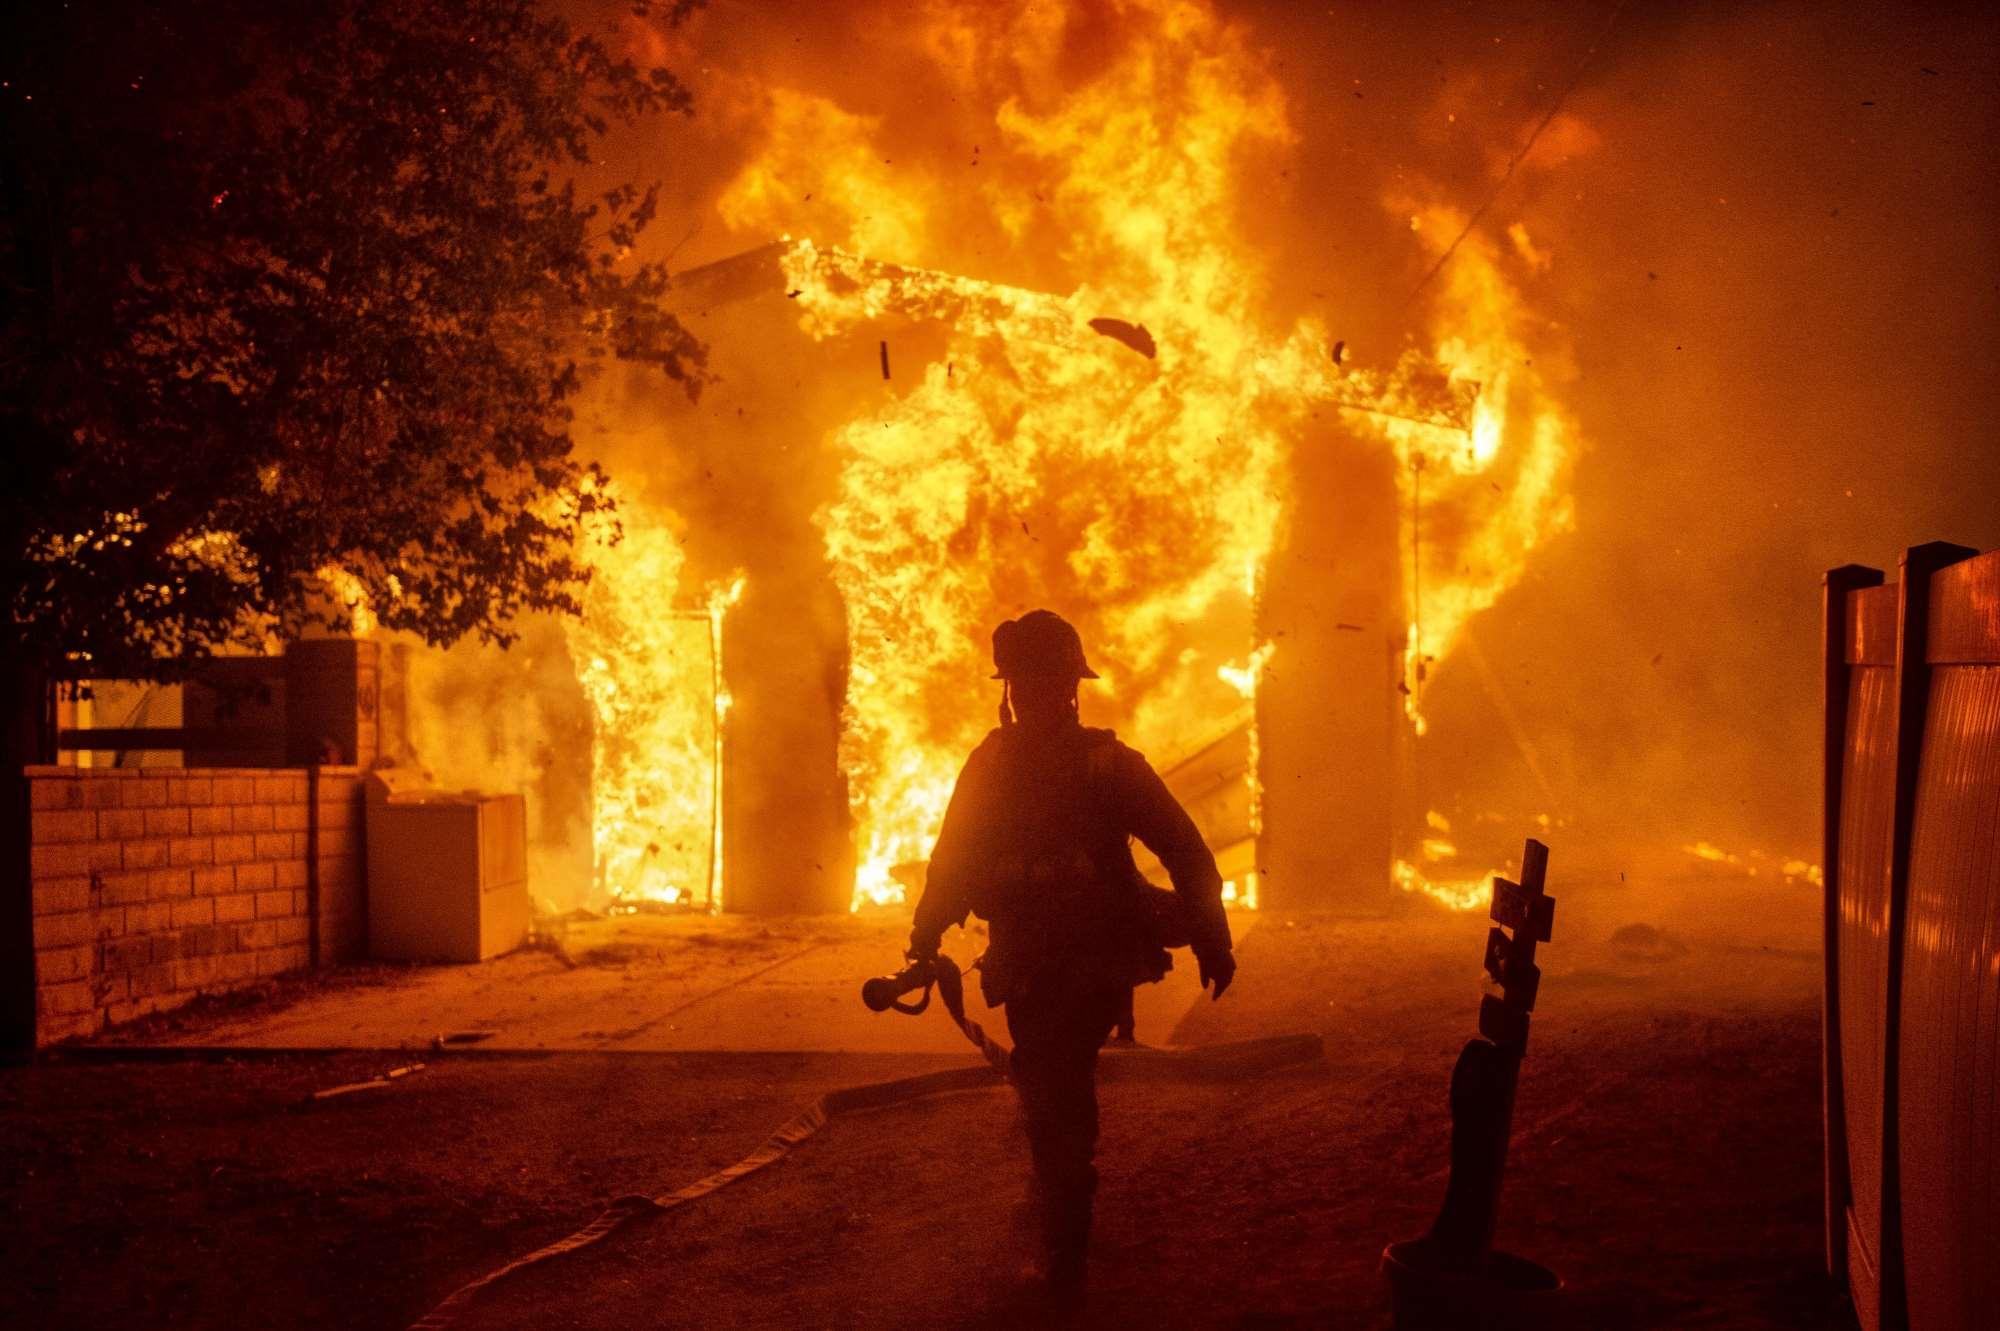 Φωτογραφίες από τις φωτιές στην Καλιφόρνια